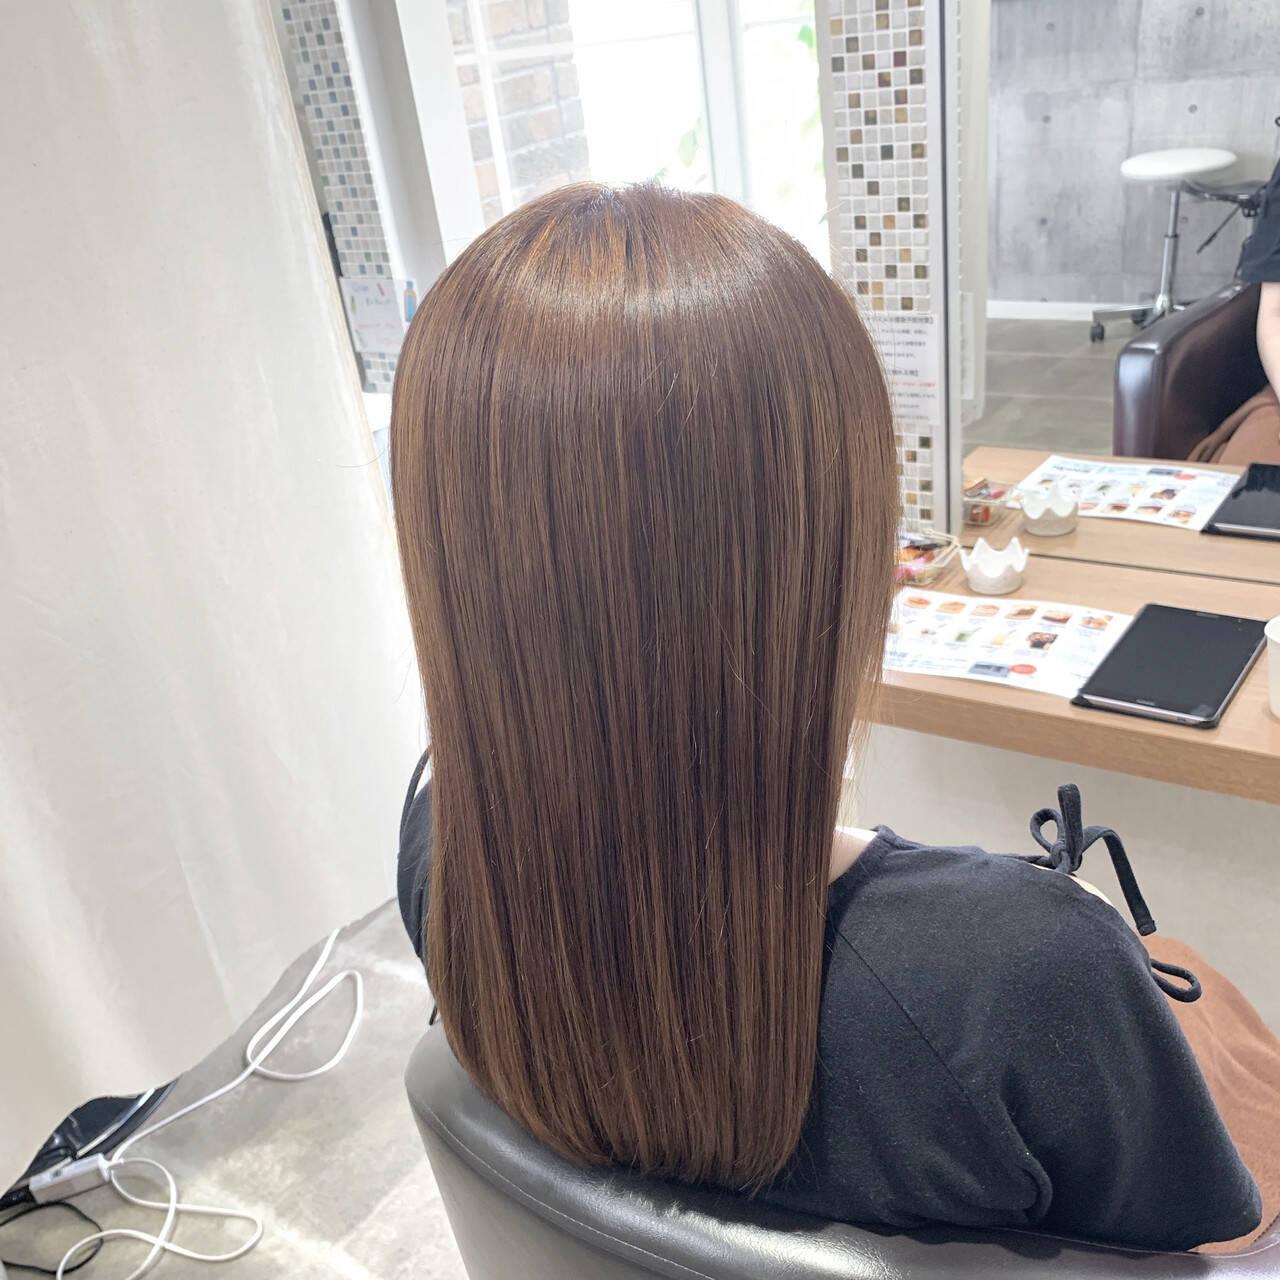 フェミニン ハイトーンカラー 艶髪 ロングヘアスタイルや髪型の写真・画像